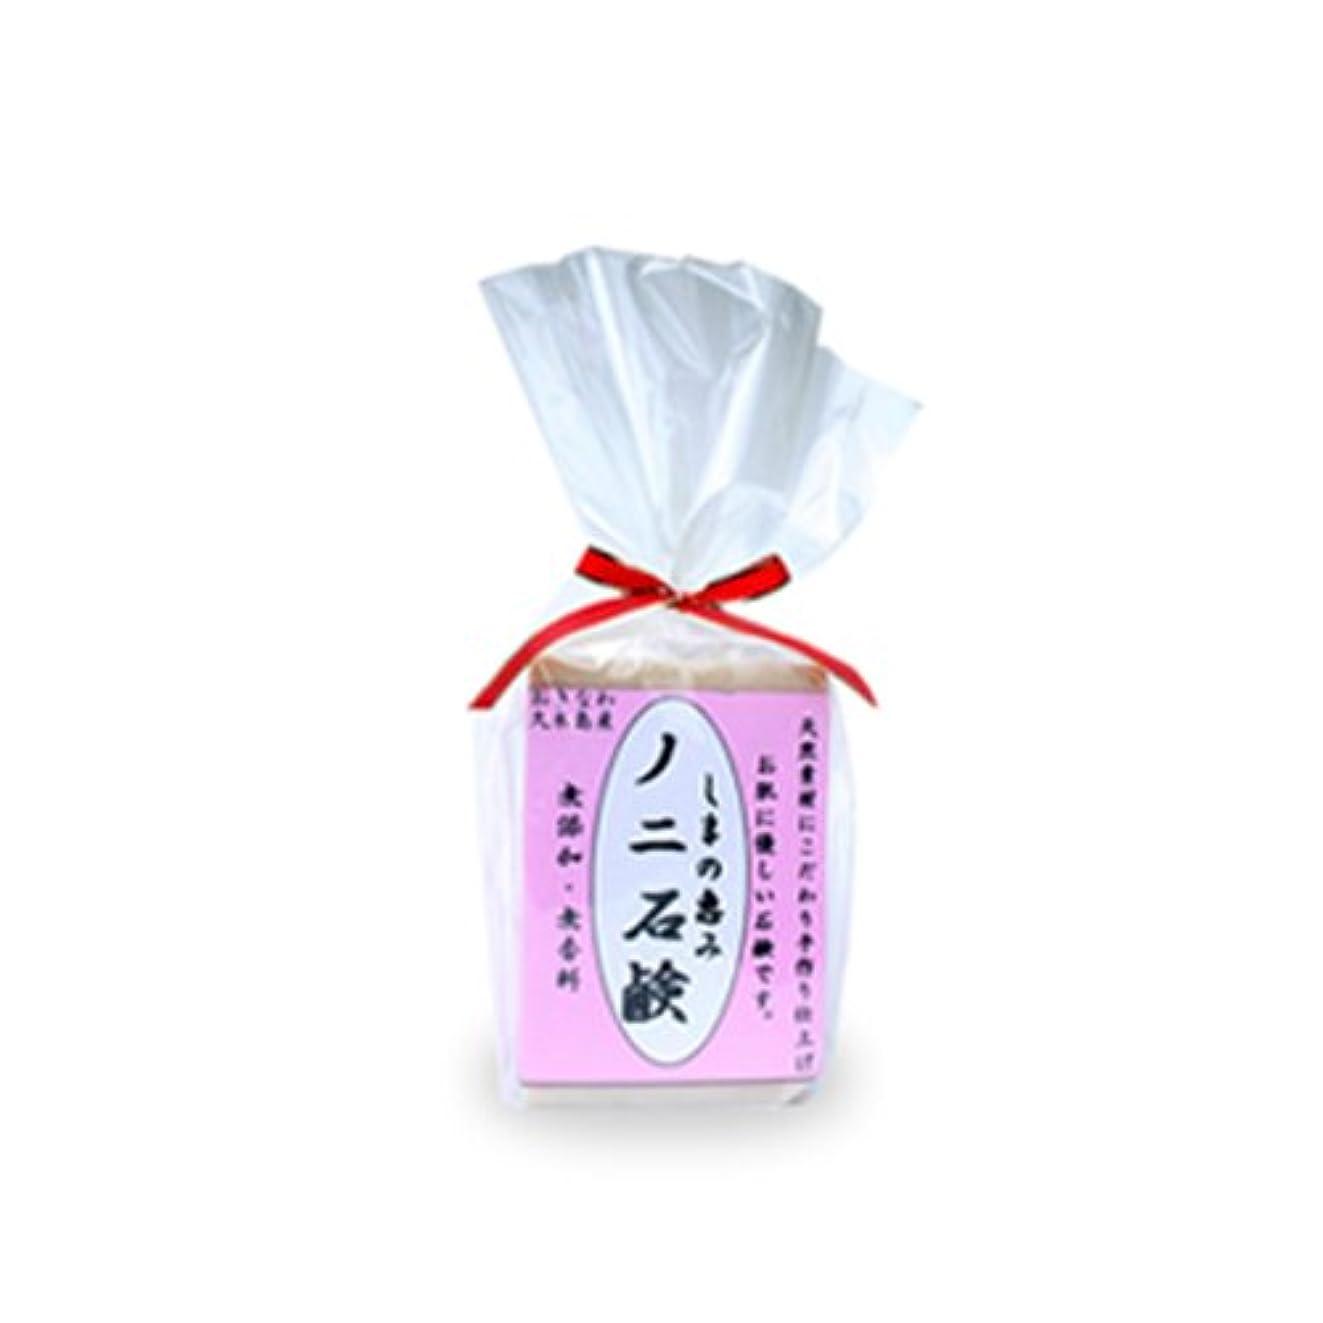 首相領収書対立ノ二石鹸×10個 久米島物産販売 沖縄の海洋深層水ミネラルとノニを配合した無添加ソープ